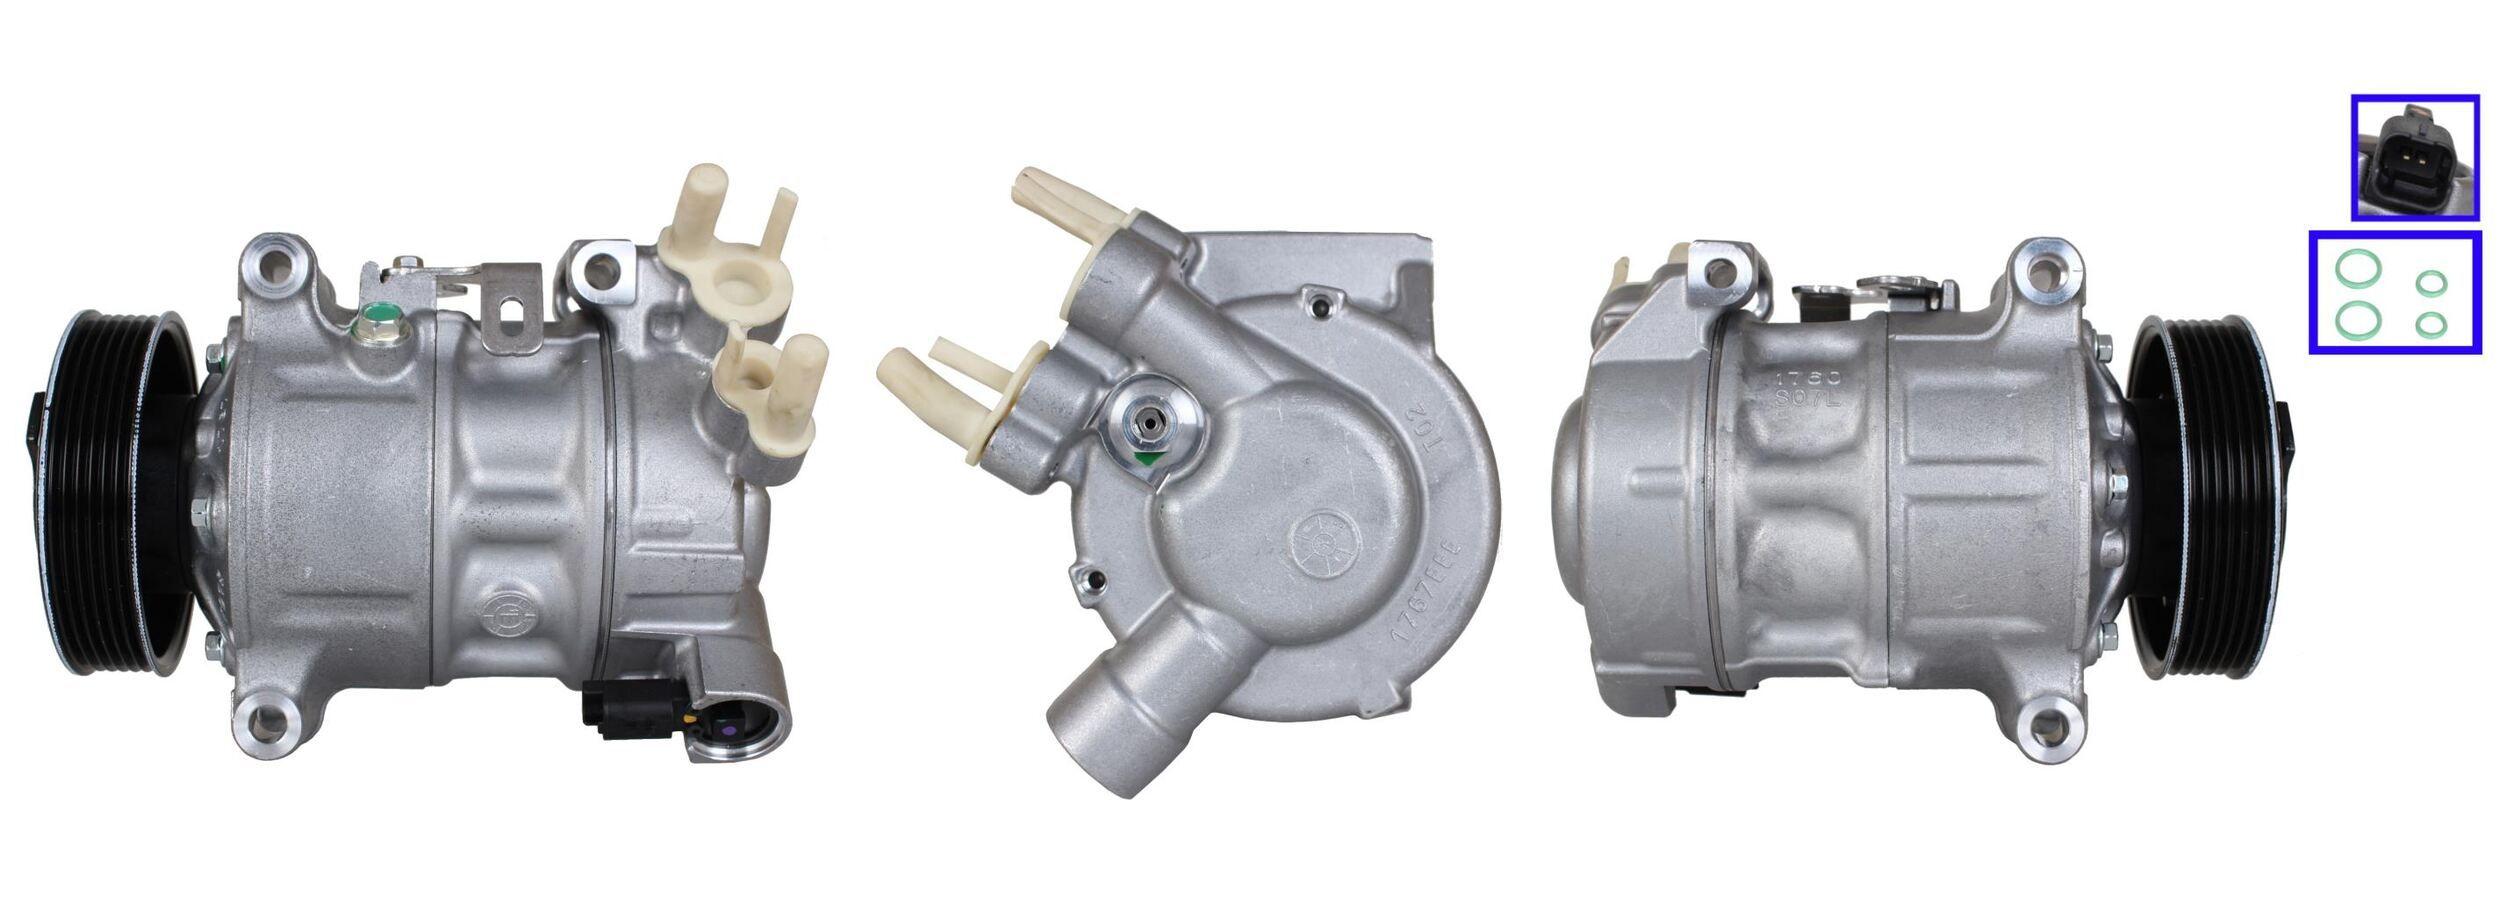 Kompressor OPEL Zafira Life (K0) 2020 - LUCAS ACP01274 (Riemenscheiben-Ø: 109mm, Anzahl der Rillen: 6)